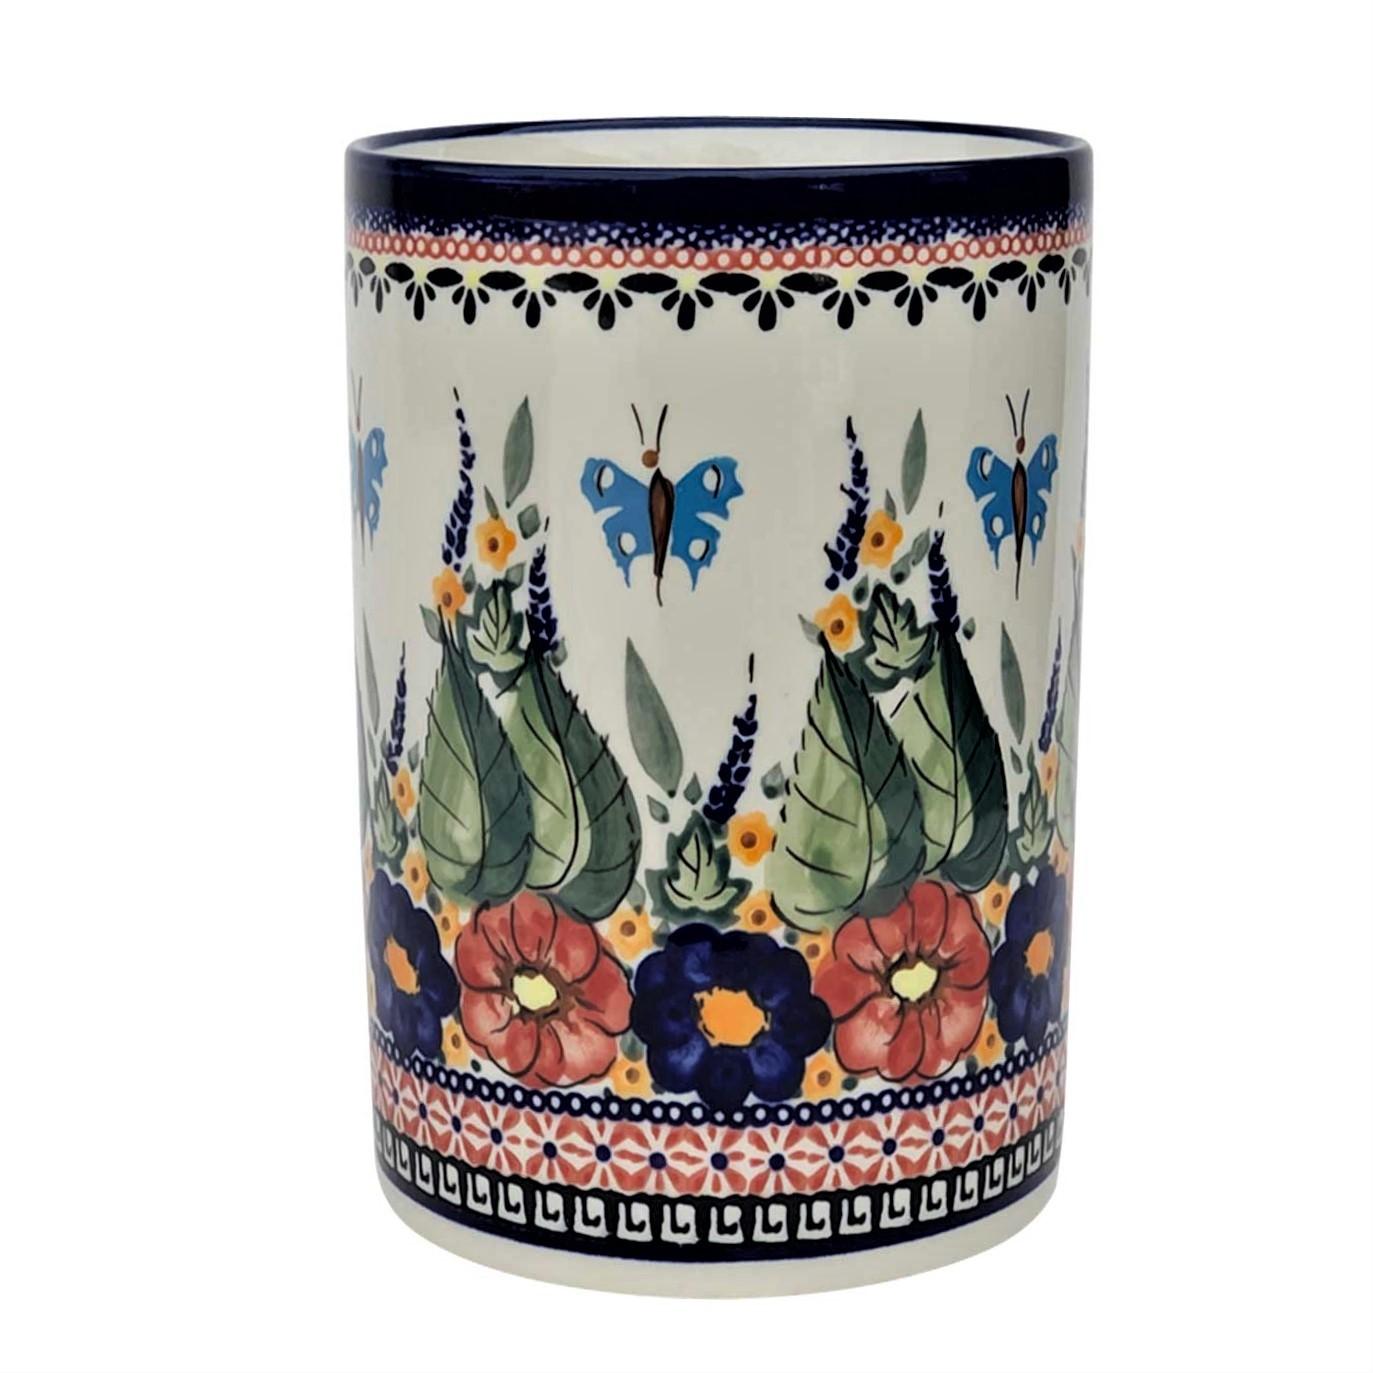 Pottery Avenue Utensil Jar-Bottle Chiller - 832-149AR Butterfly Merry Making